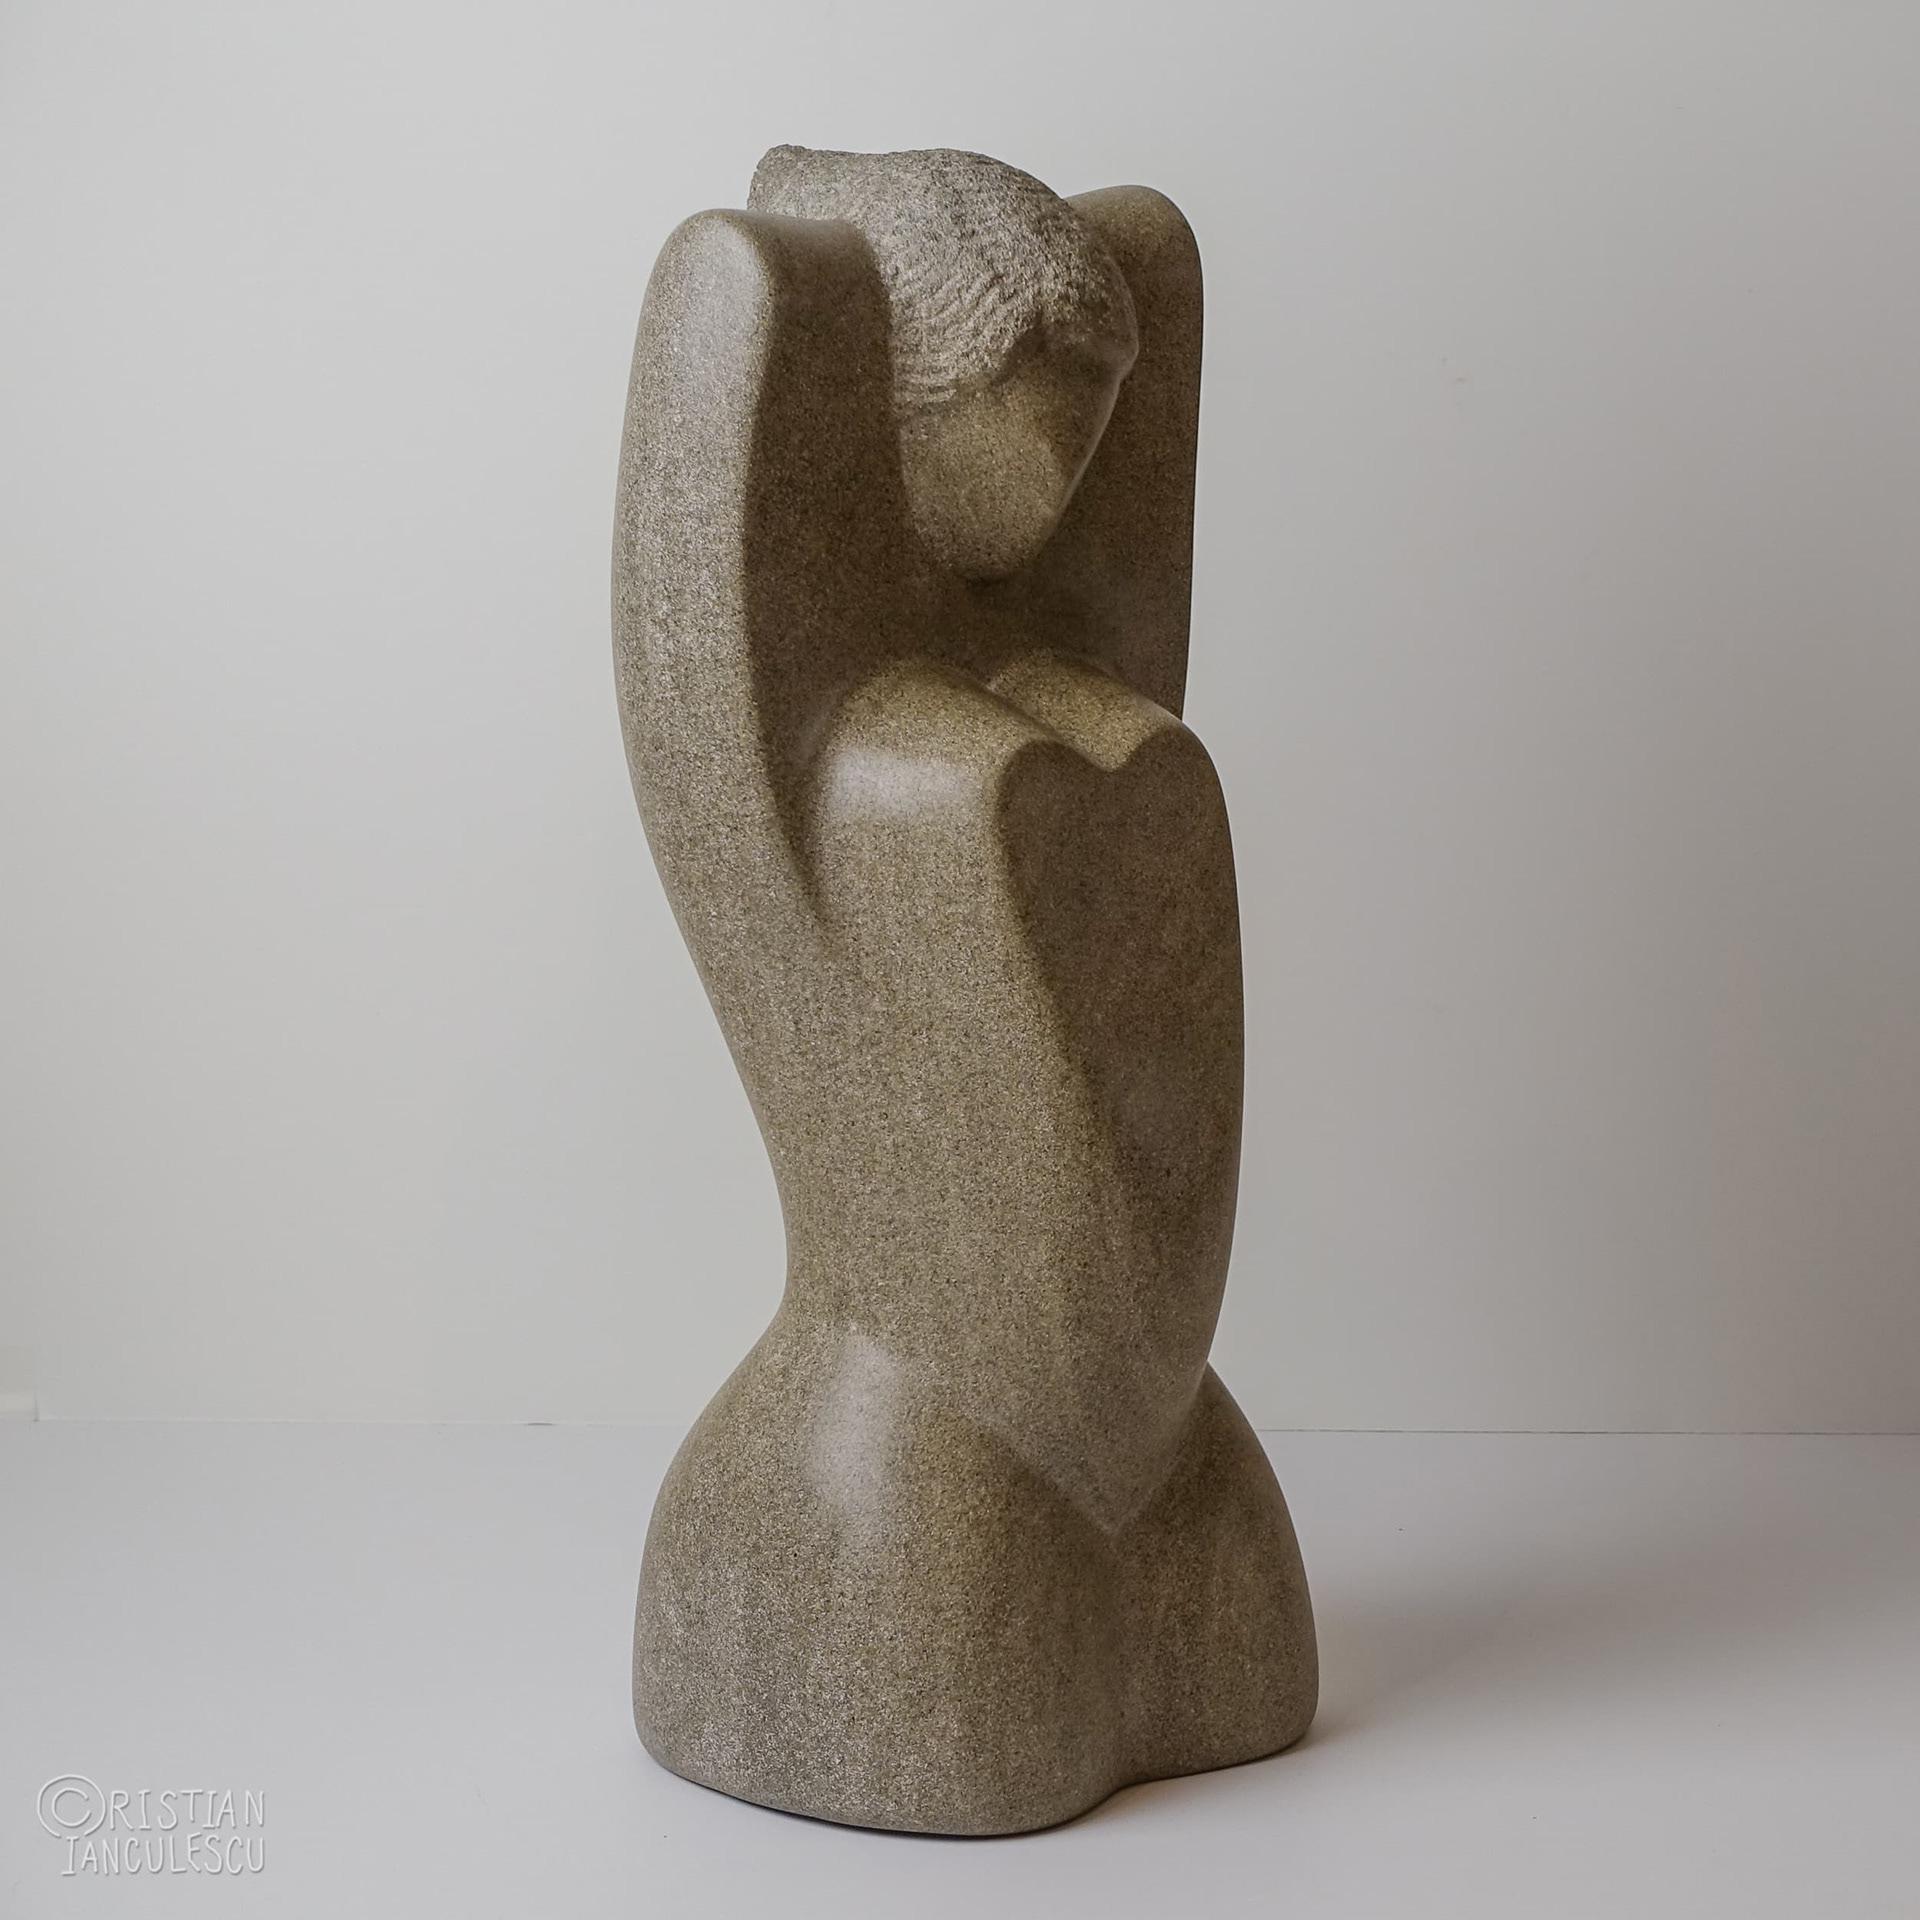 Cristian Ianculescu - Unfurling Goddess